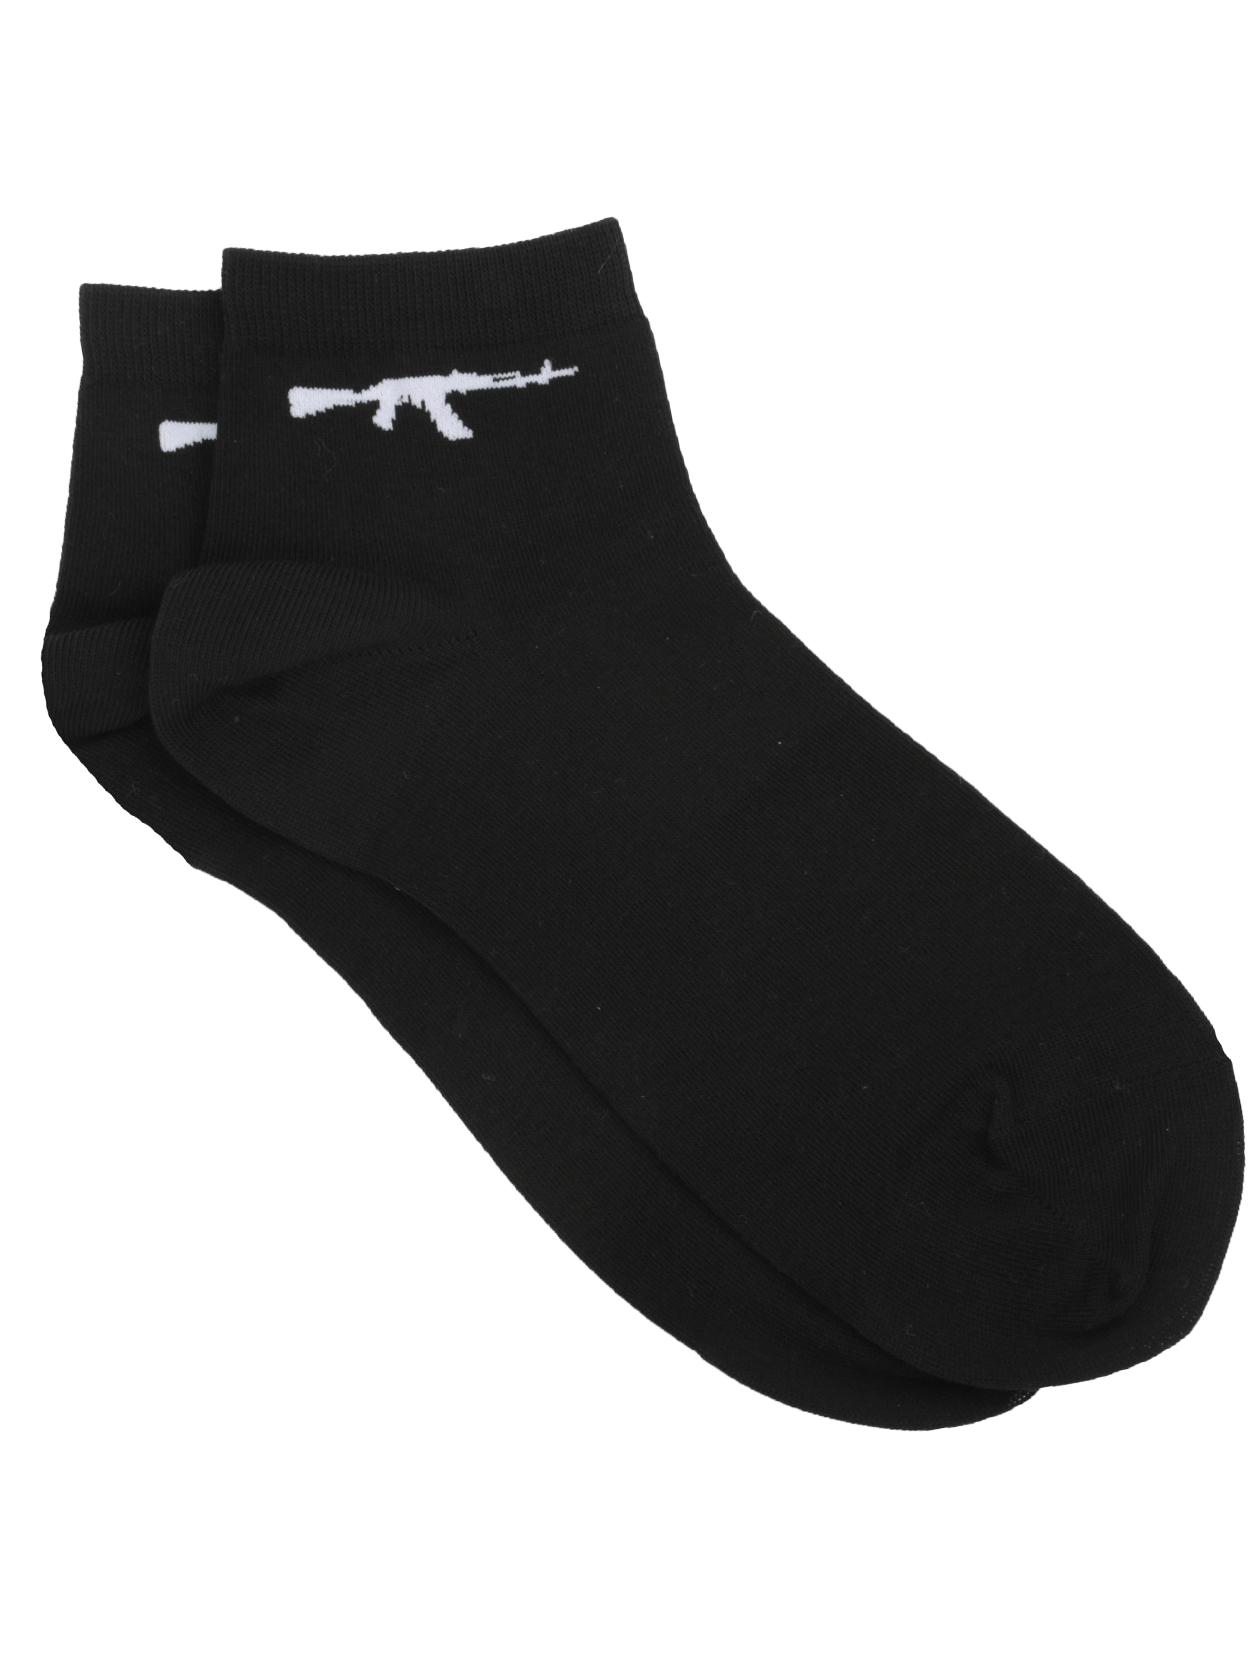 Носки унисекс GUN (2 шт)Комплект носков унисекс Gun из коллекции black Star Wear состоит из двух пар. Модель выполнена в базовой черной расцветке. По краю короткого голенища эластичная окантовка. По бокам стильный принт белого цвета с изображением автомата. Изделие сшито из высококачественного бленда 100% хлопка, отличается практичностью и износостойкостью. Незаменимая вещь в гардеробе активных людей по выгодной цене.<br><br>Размер: 41/42<br>Цвет: Черный/Белый<br>Пол: Унисекс